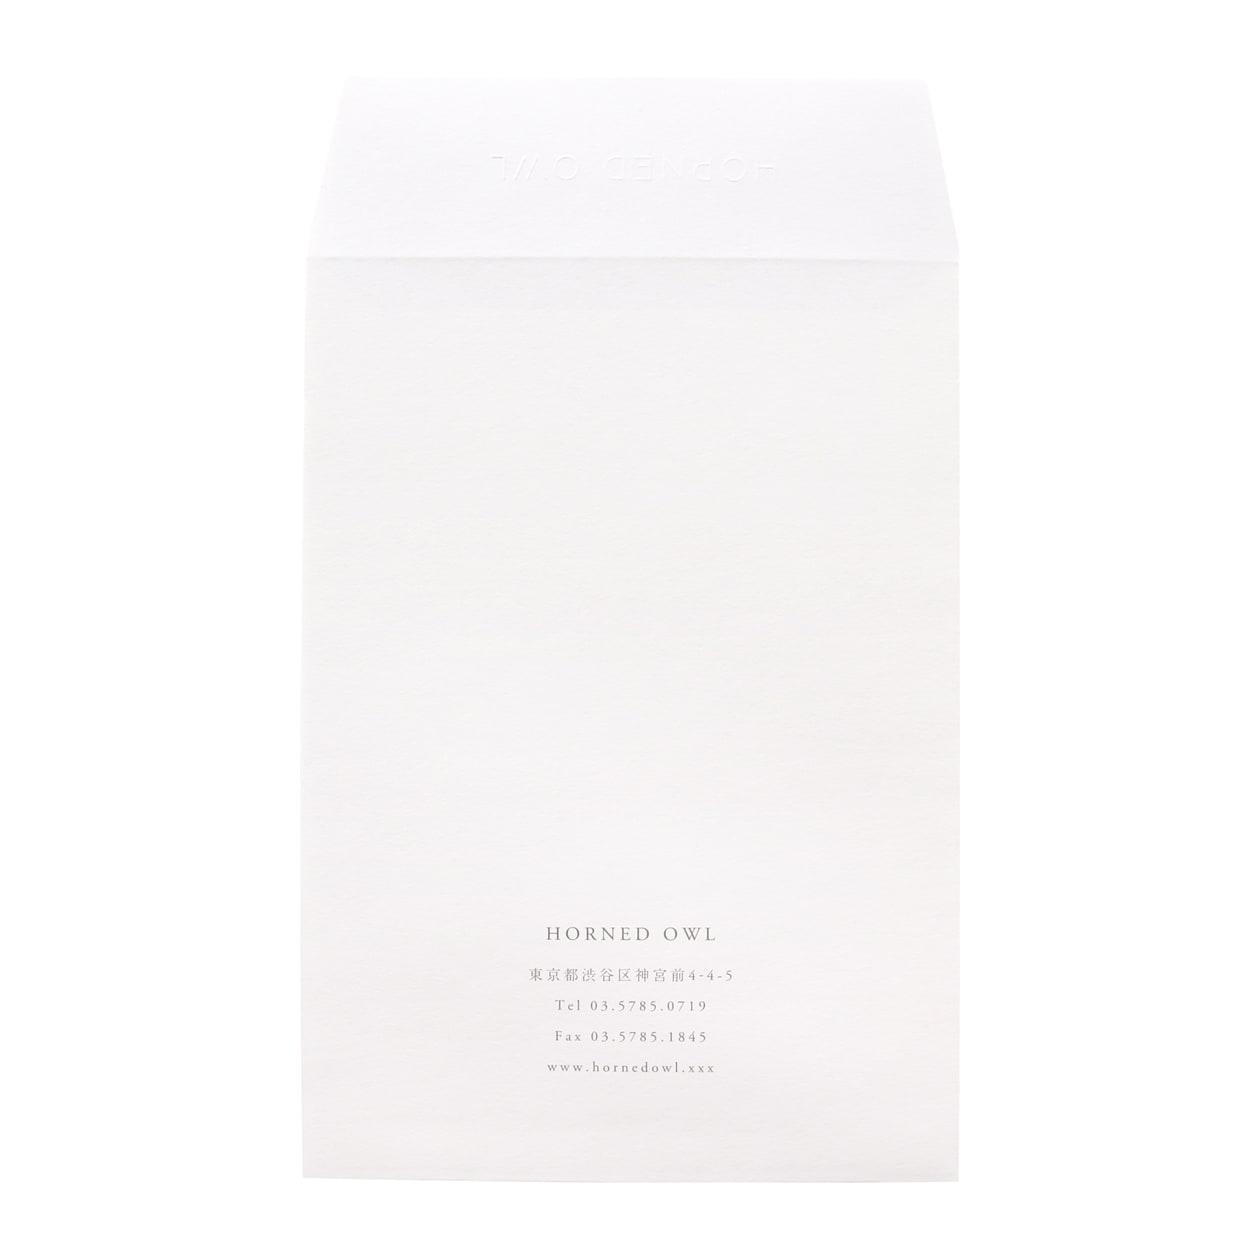 サンプル 封筒・袋 00170